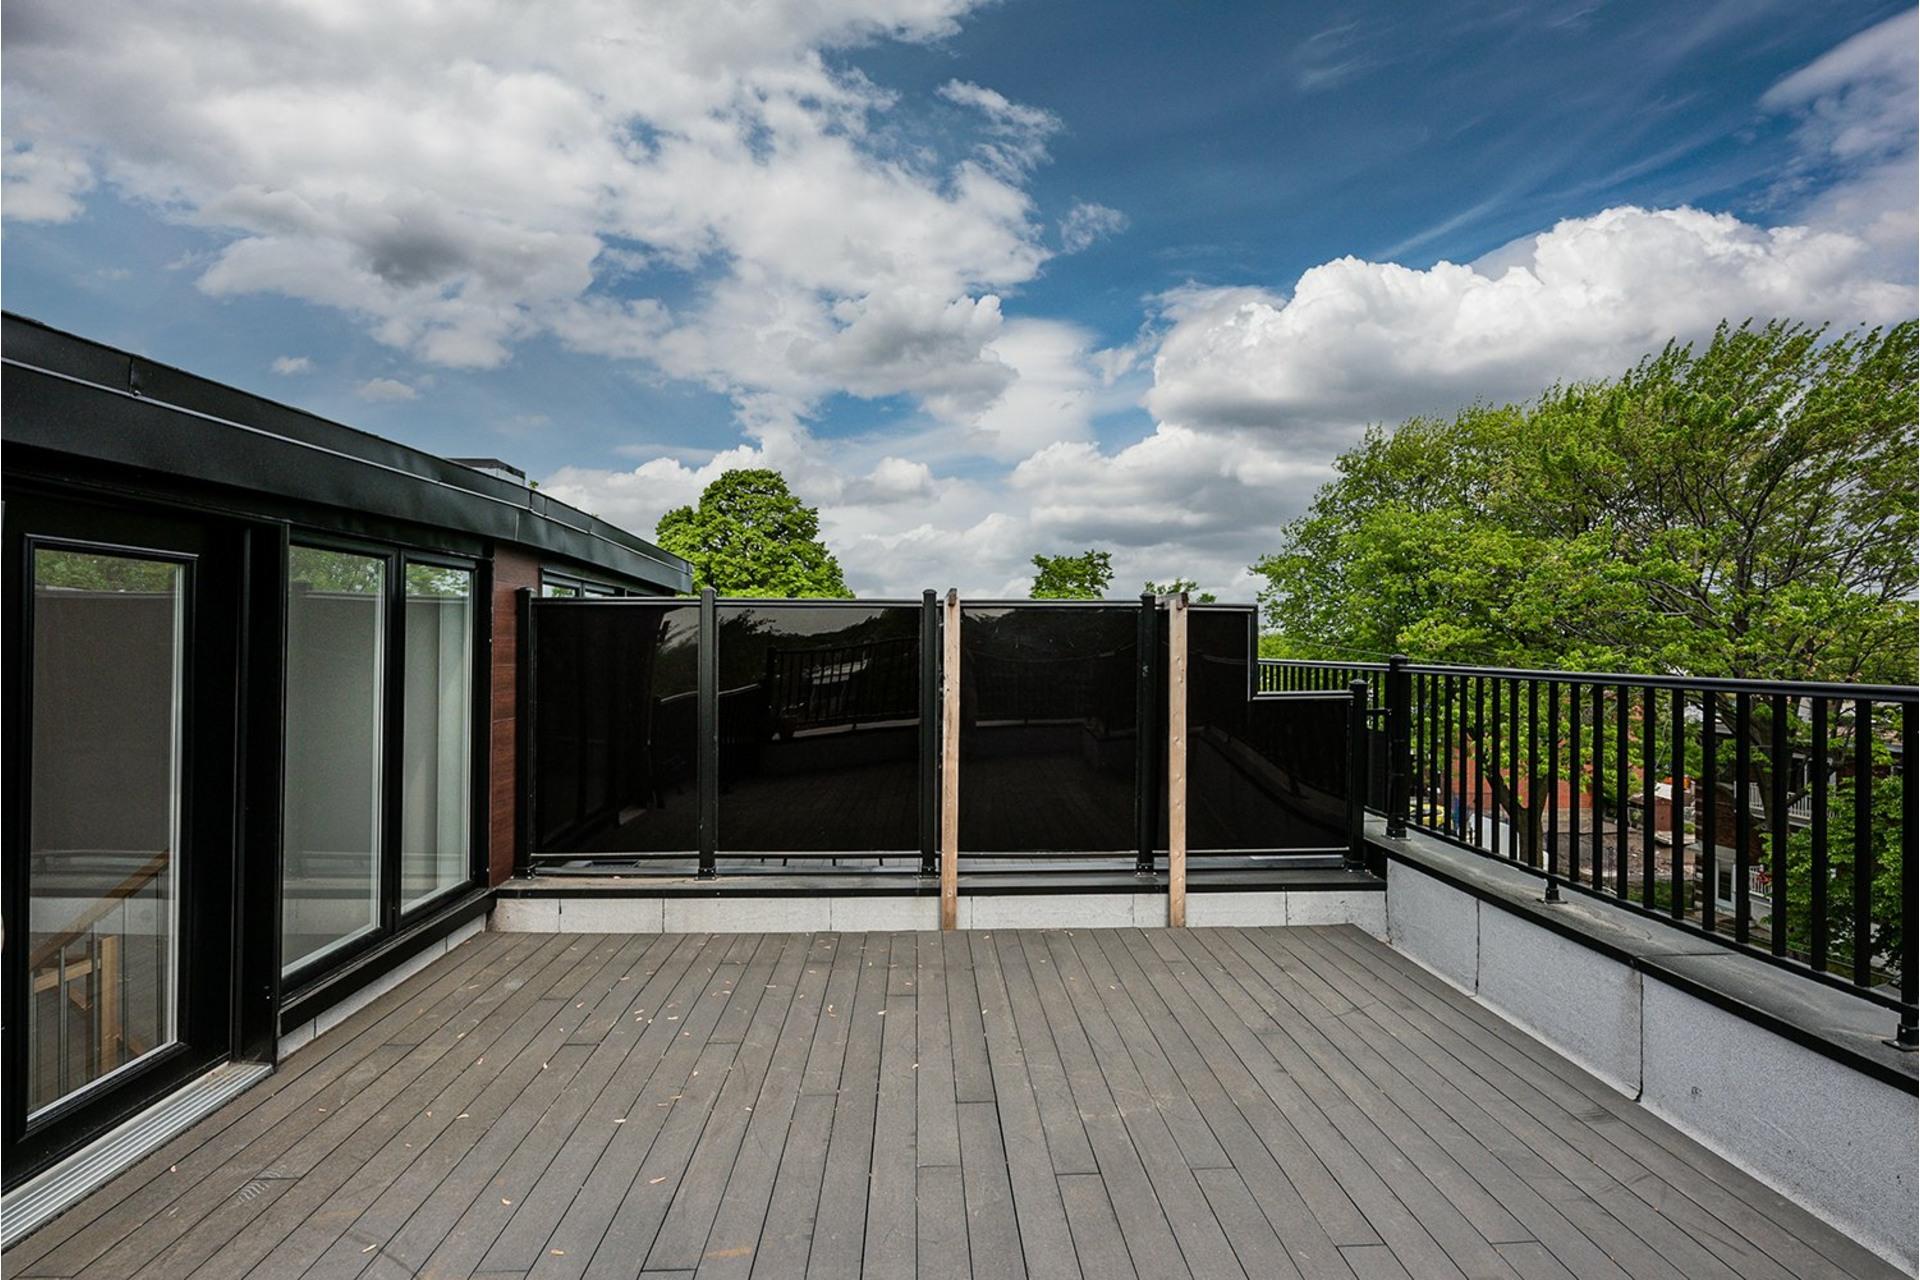 image 26 - Triplex For sale Mercier/Hochelaga-Maisonneuve Montréal  - 4 rooms